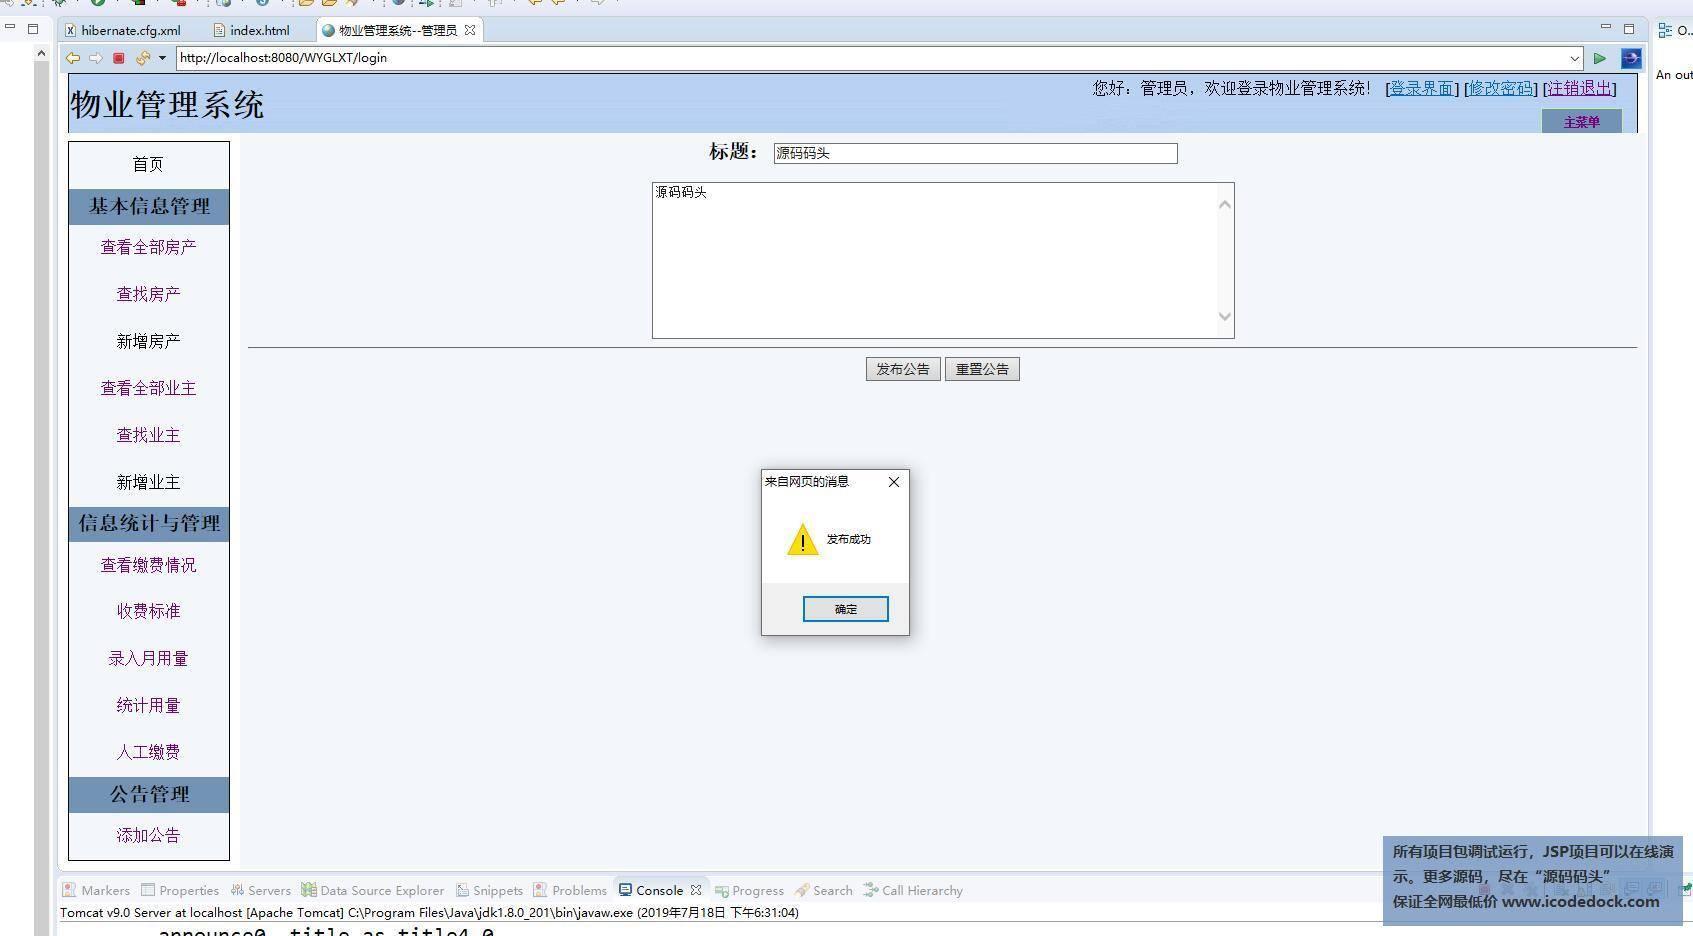 源码码头-SSH小区物业管理系统-管理员角色-公告管理